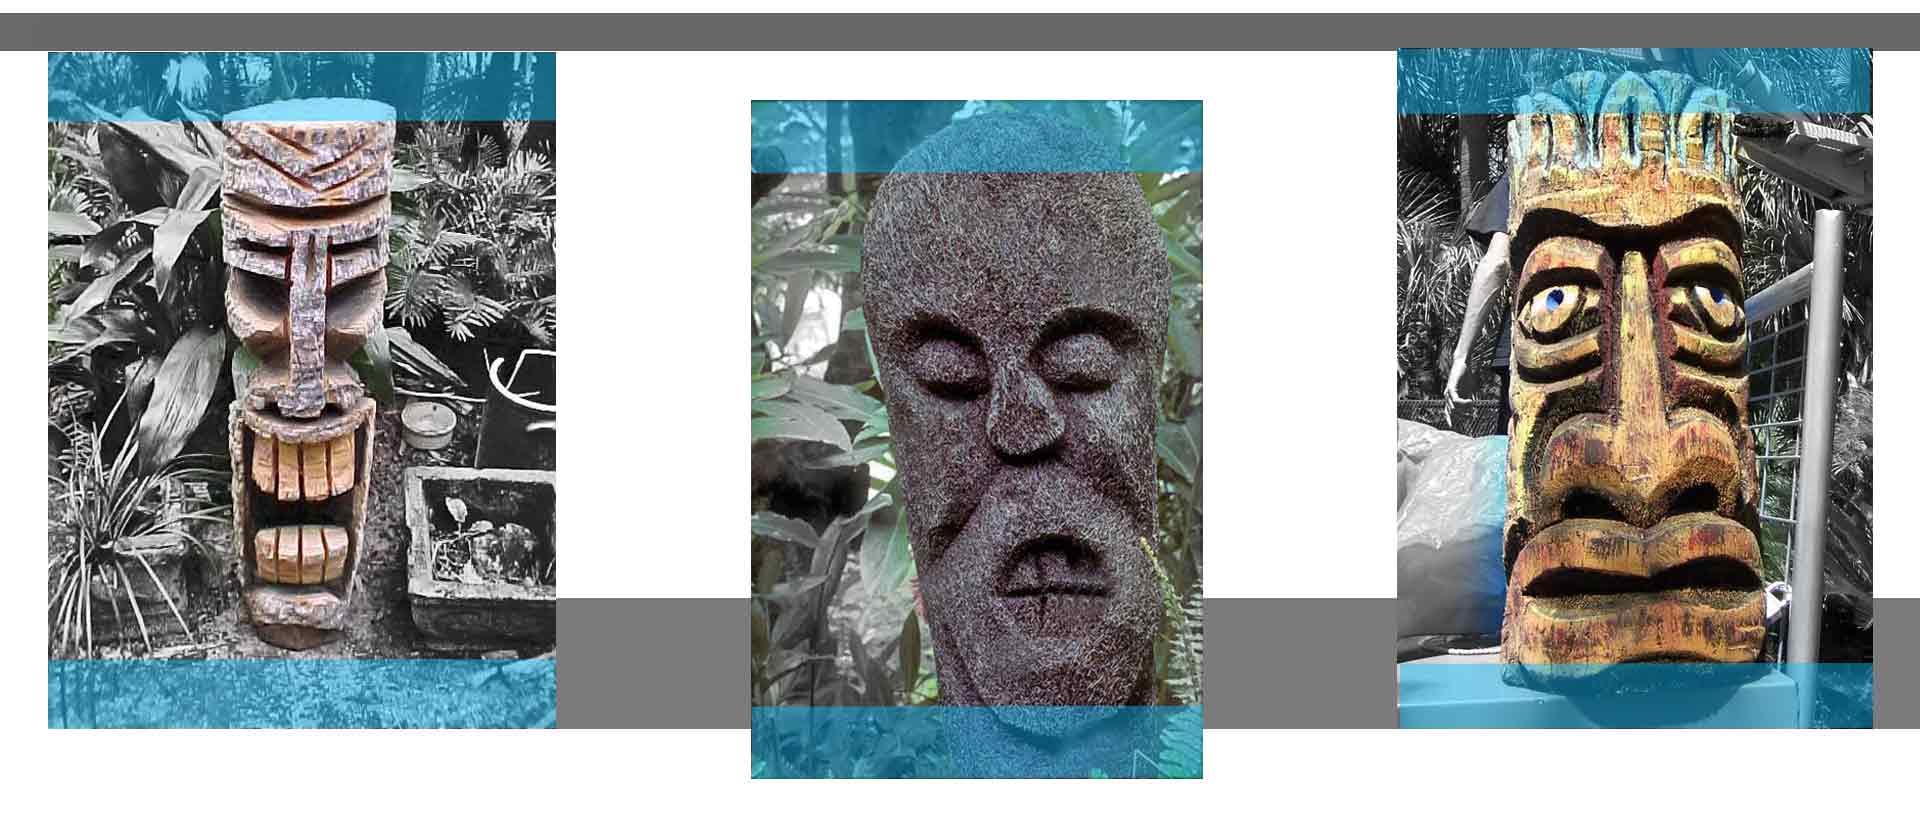 oghyanosi 1sxs - مجسمه سازی در اقیانوسیه